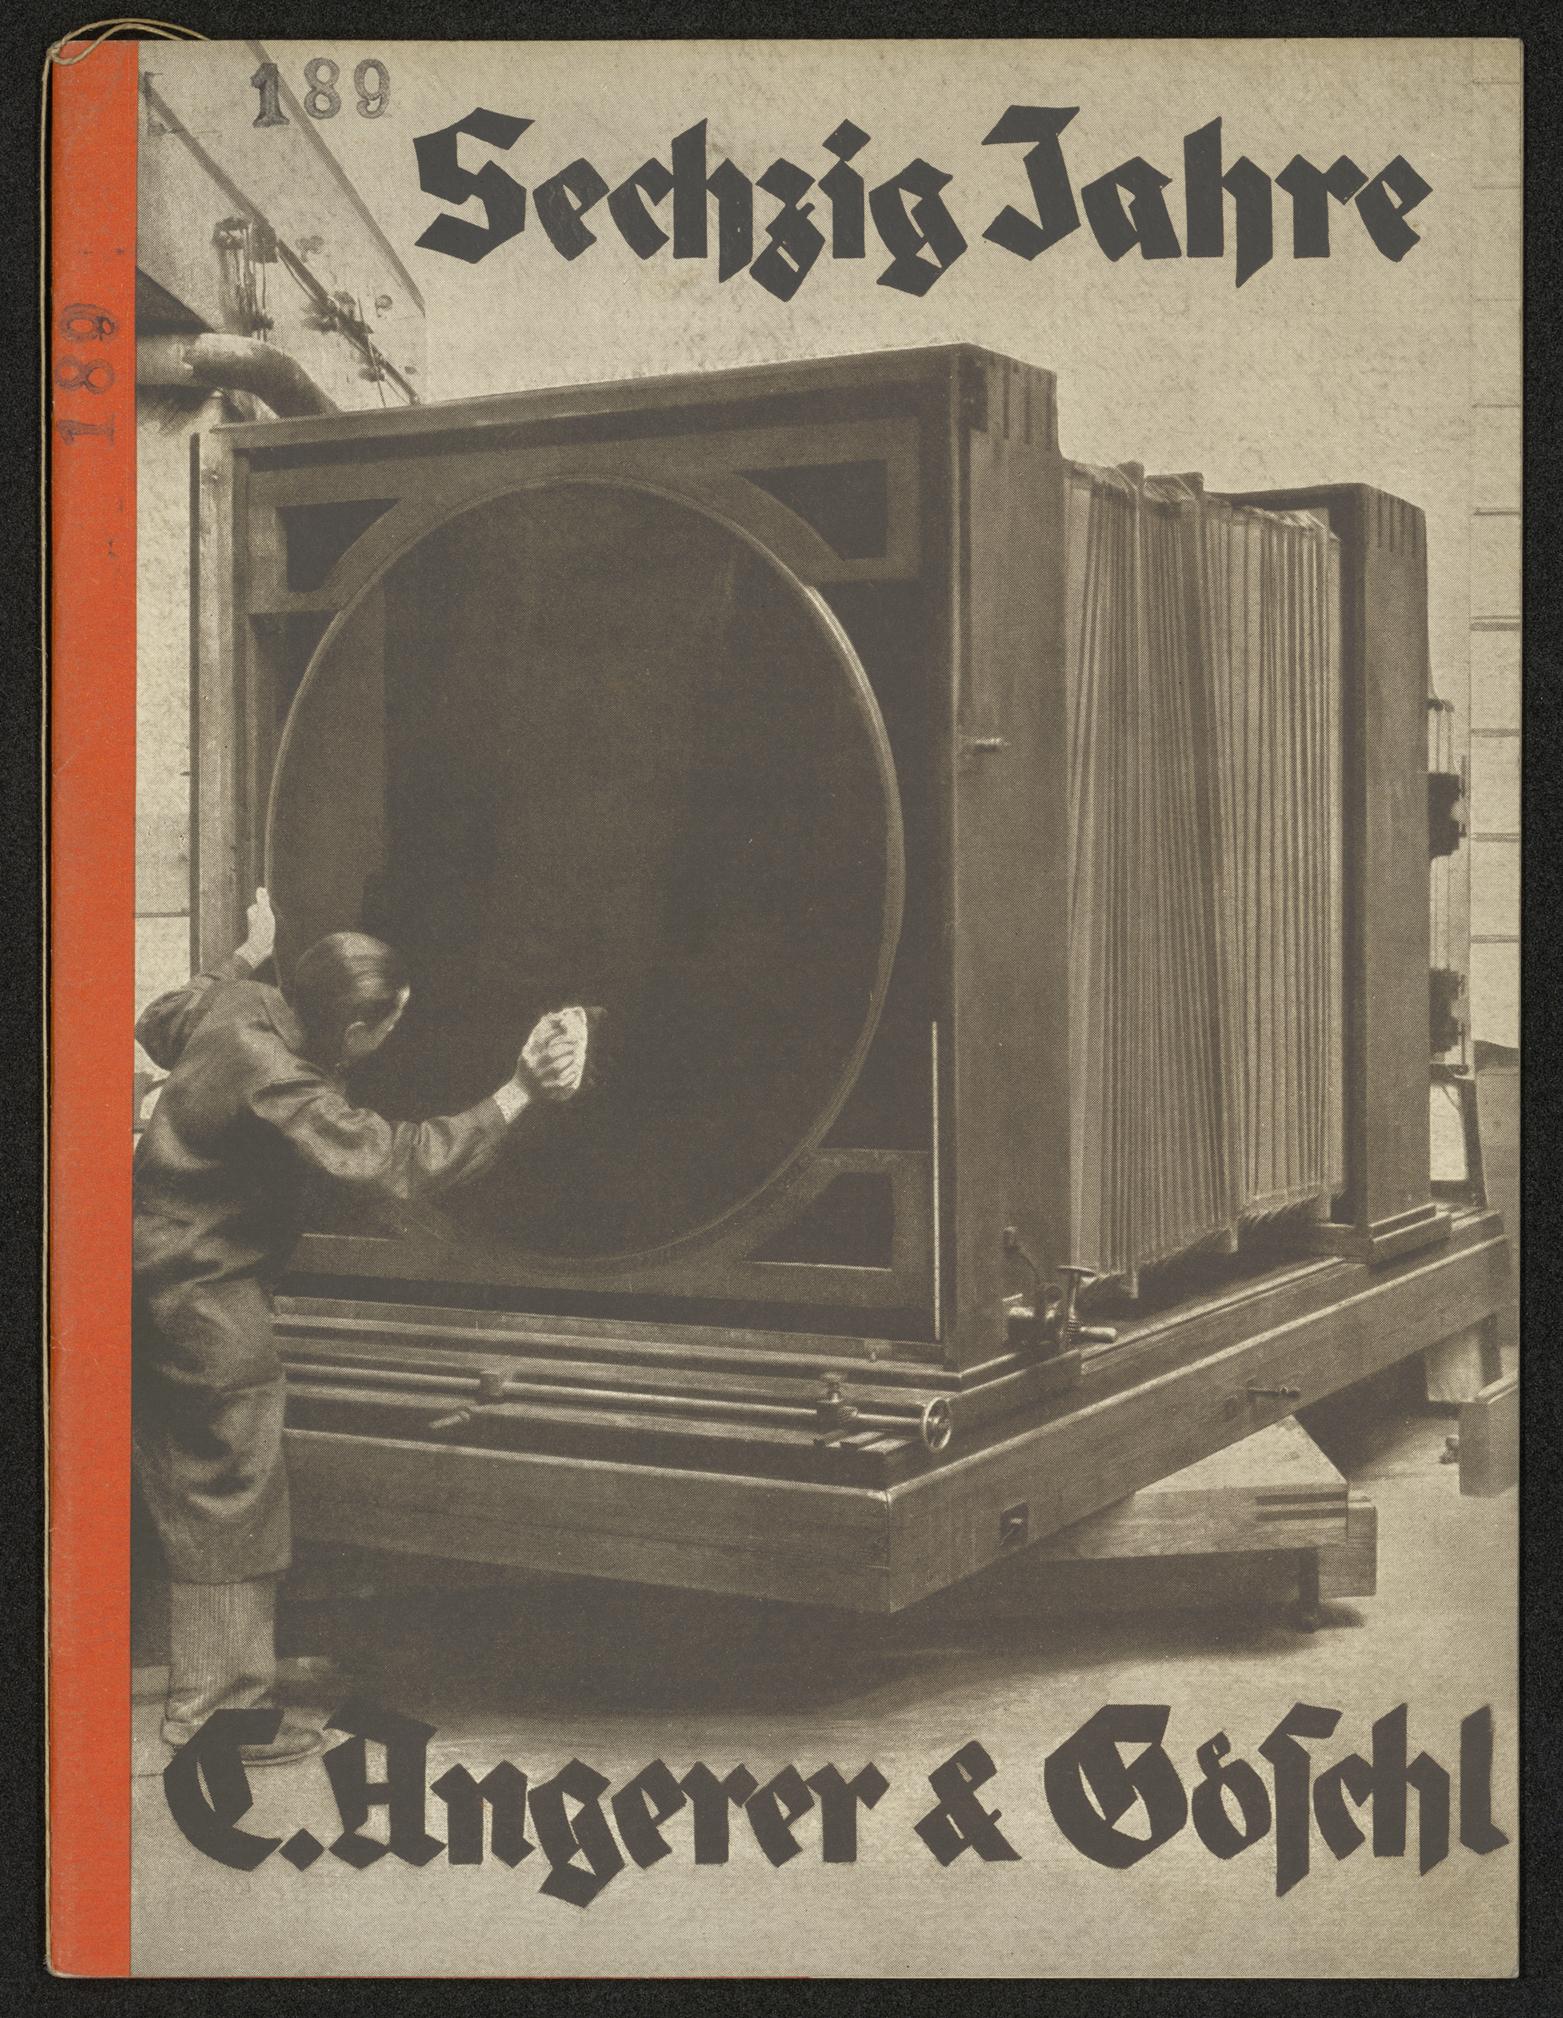 C. Angerer & Göschl Wien Bucheinband zu Sechzig Jahre, [Wien: ohne Verlag 1932]